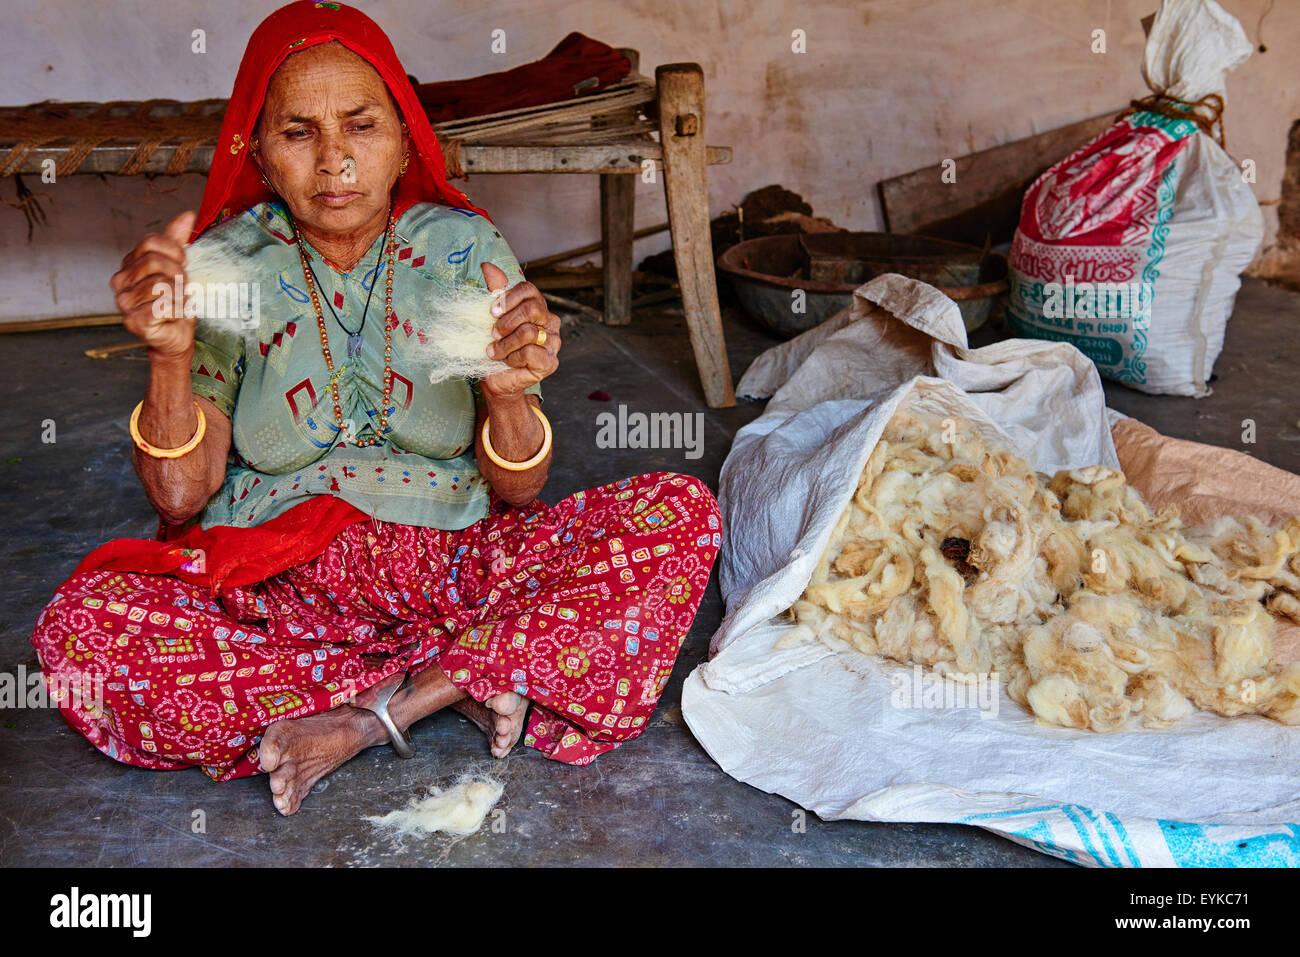 L'Inde, le Gujarat, Kutch, village Padhar Ahir, groupe ethnique, la filature de laine Photo Stock